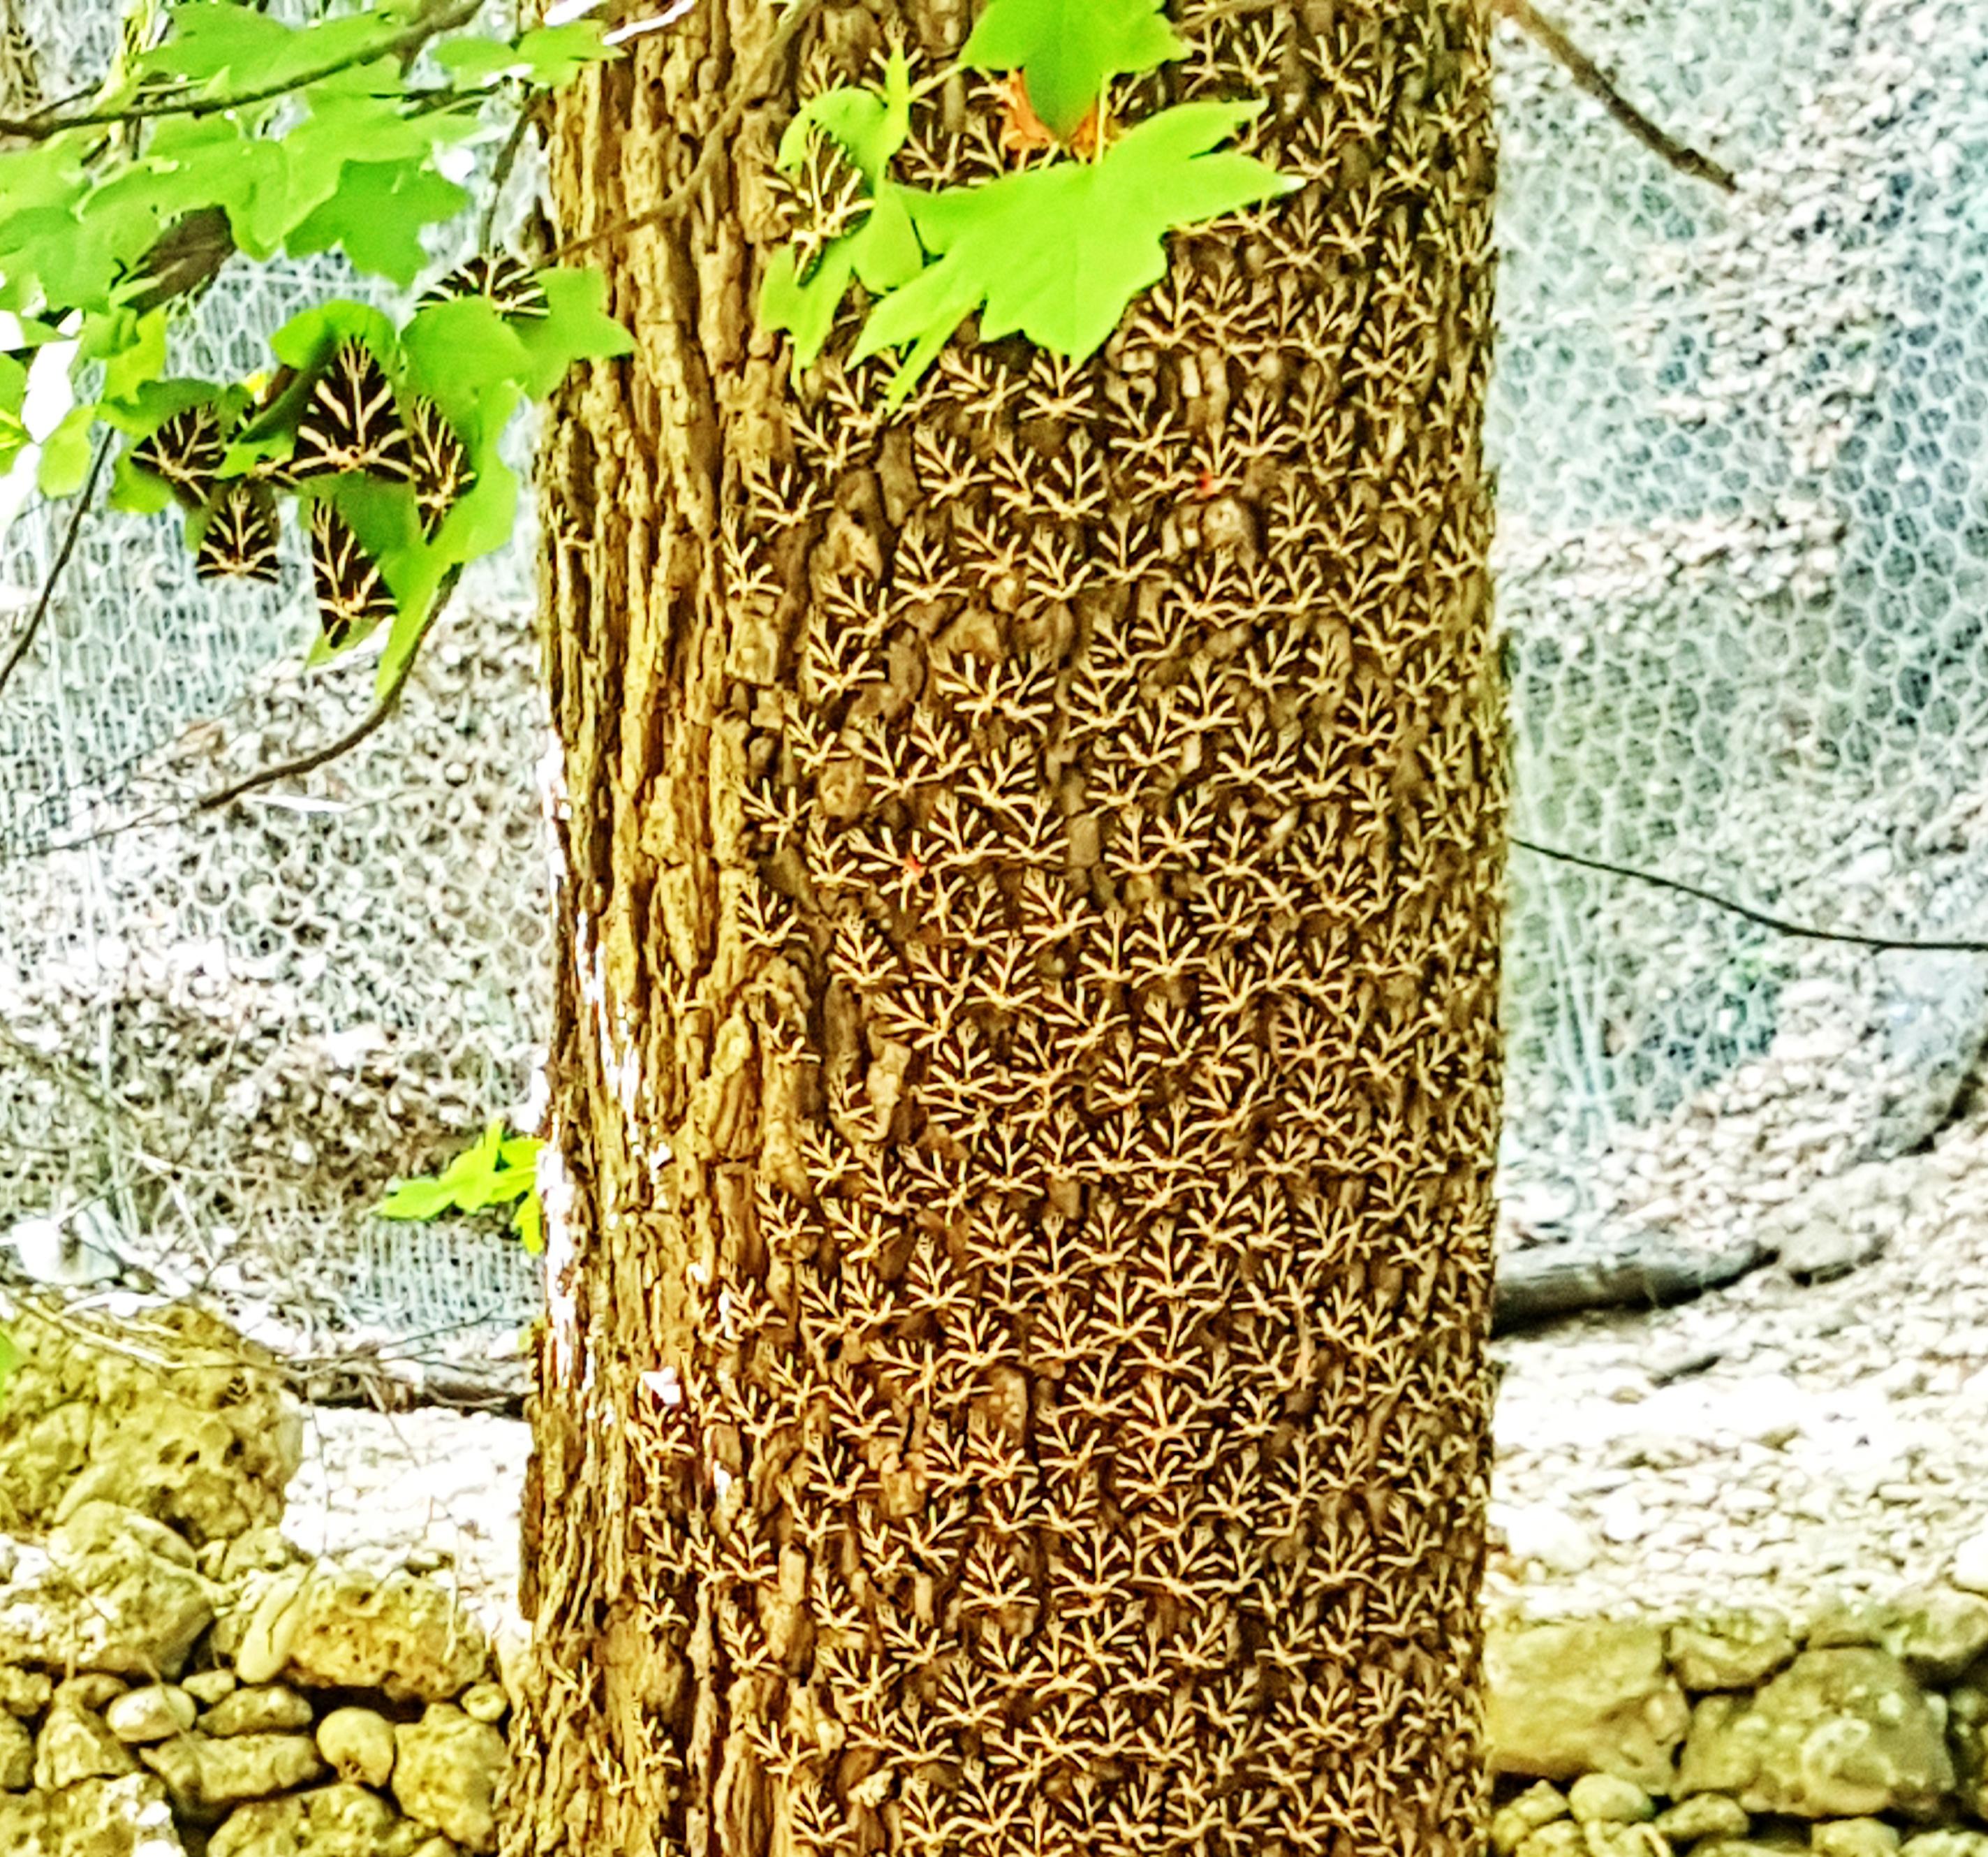 Rodos Kelebekler Vadisi ağacın üstü kelebekle kaplı